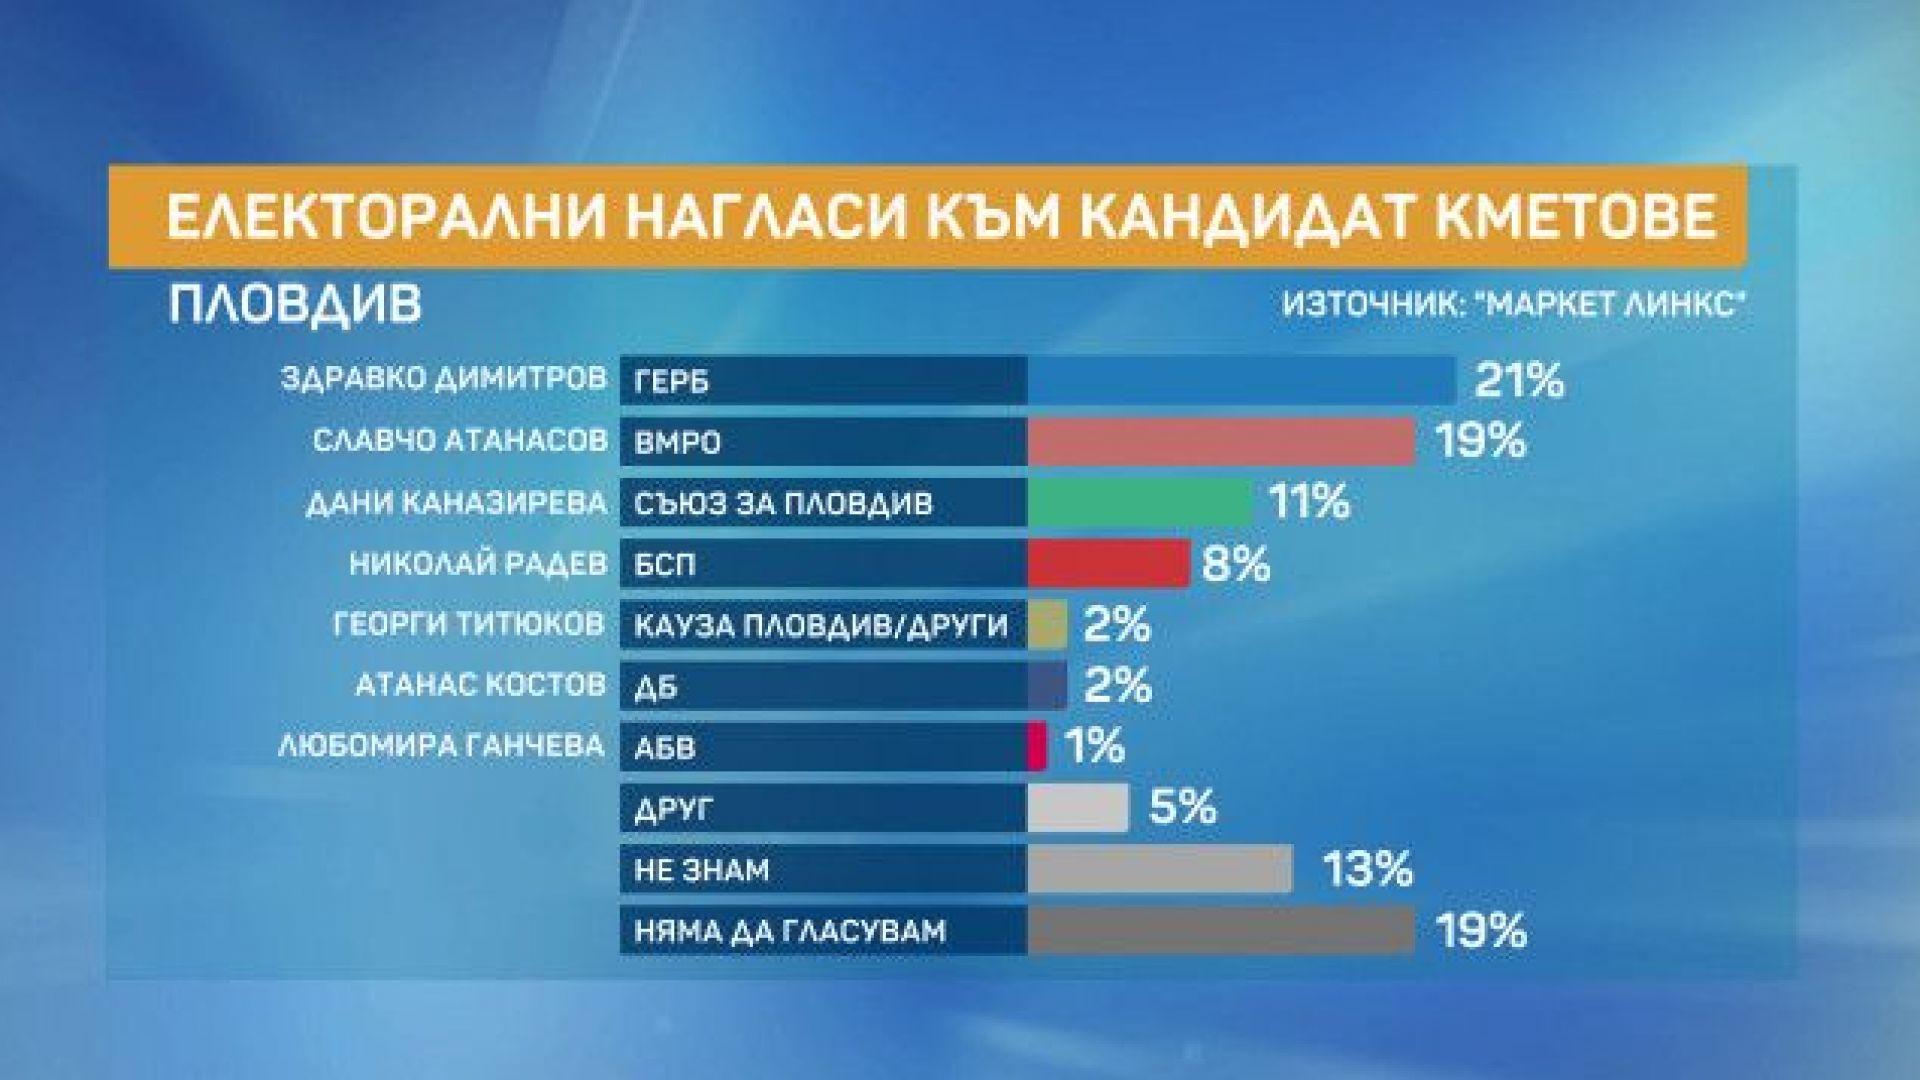 Маркет ЛИНКС: Над 50% от пловдивчани са изразили желание да гласуват